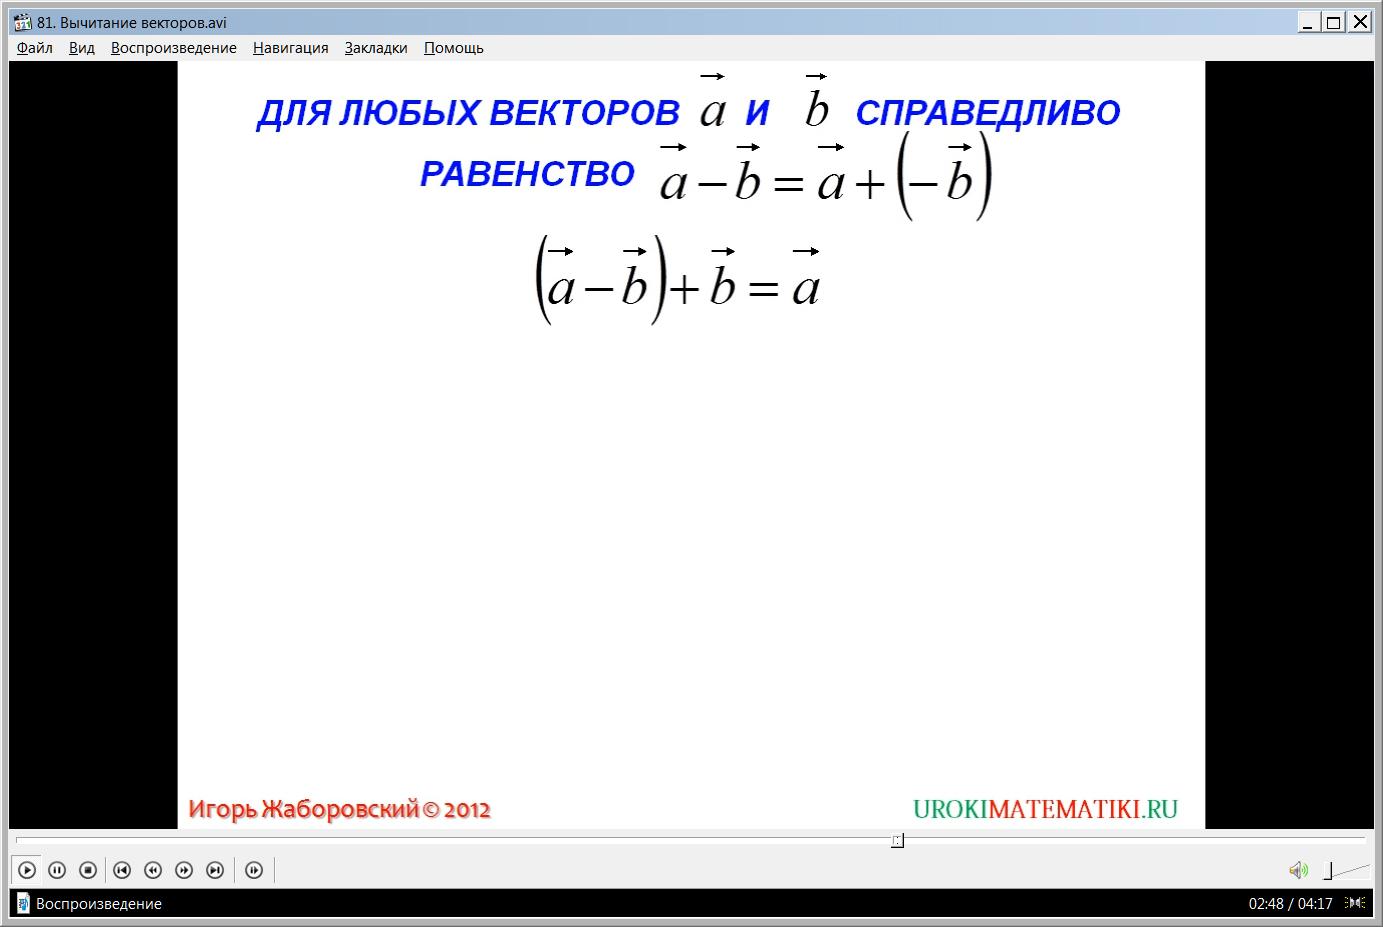 """Урок """"Вычитание векторов"""""""